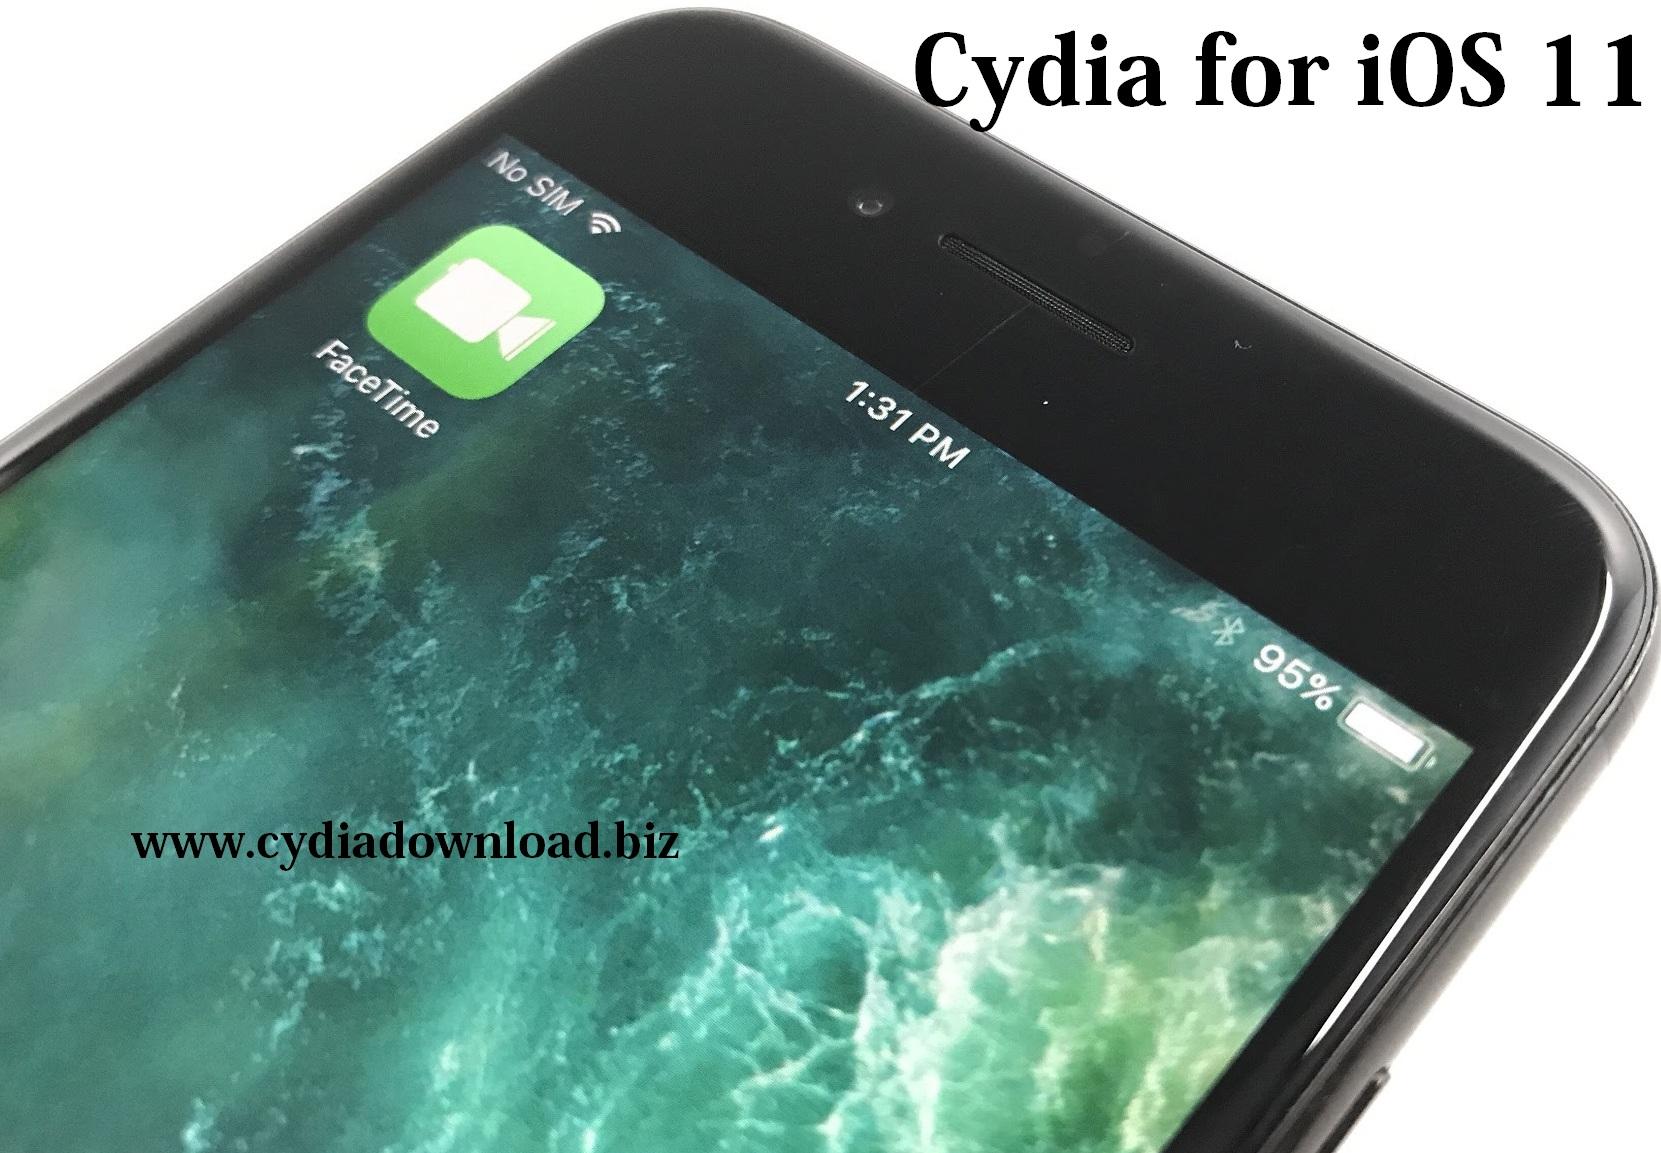 cydia for ios 11